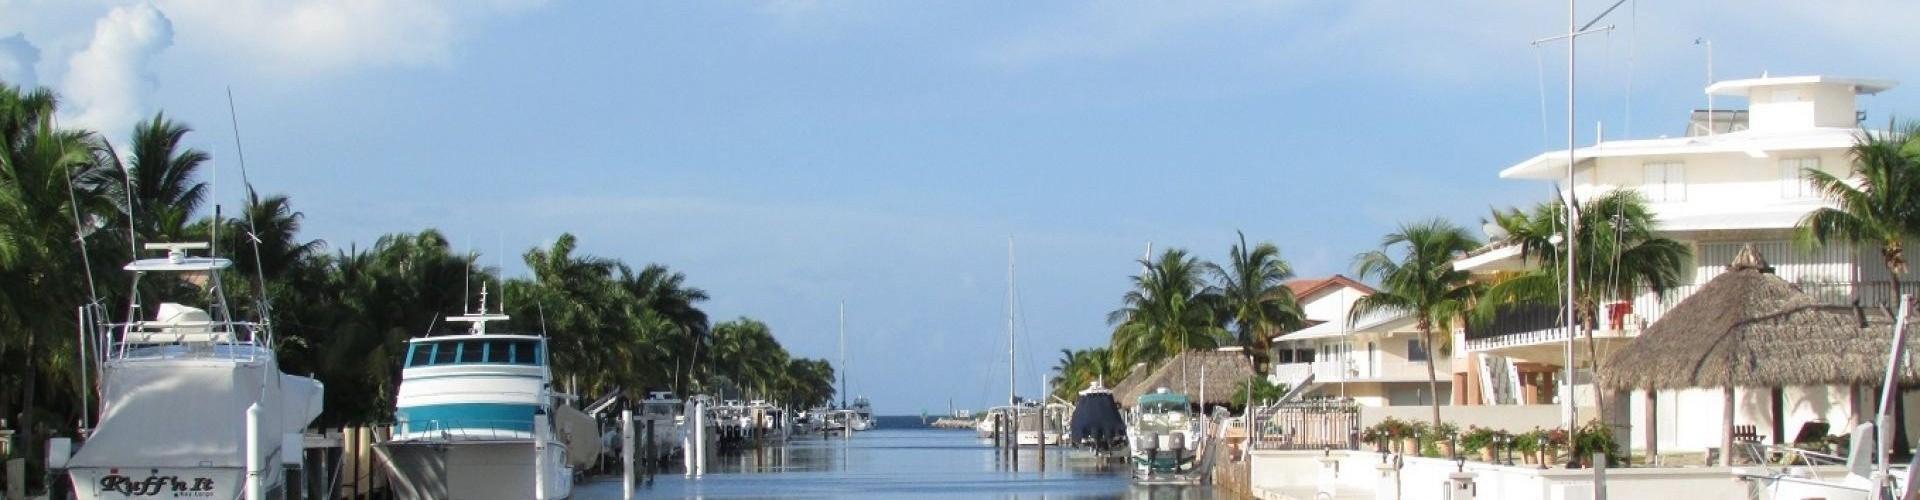 1- Key Largo, Florida